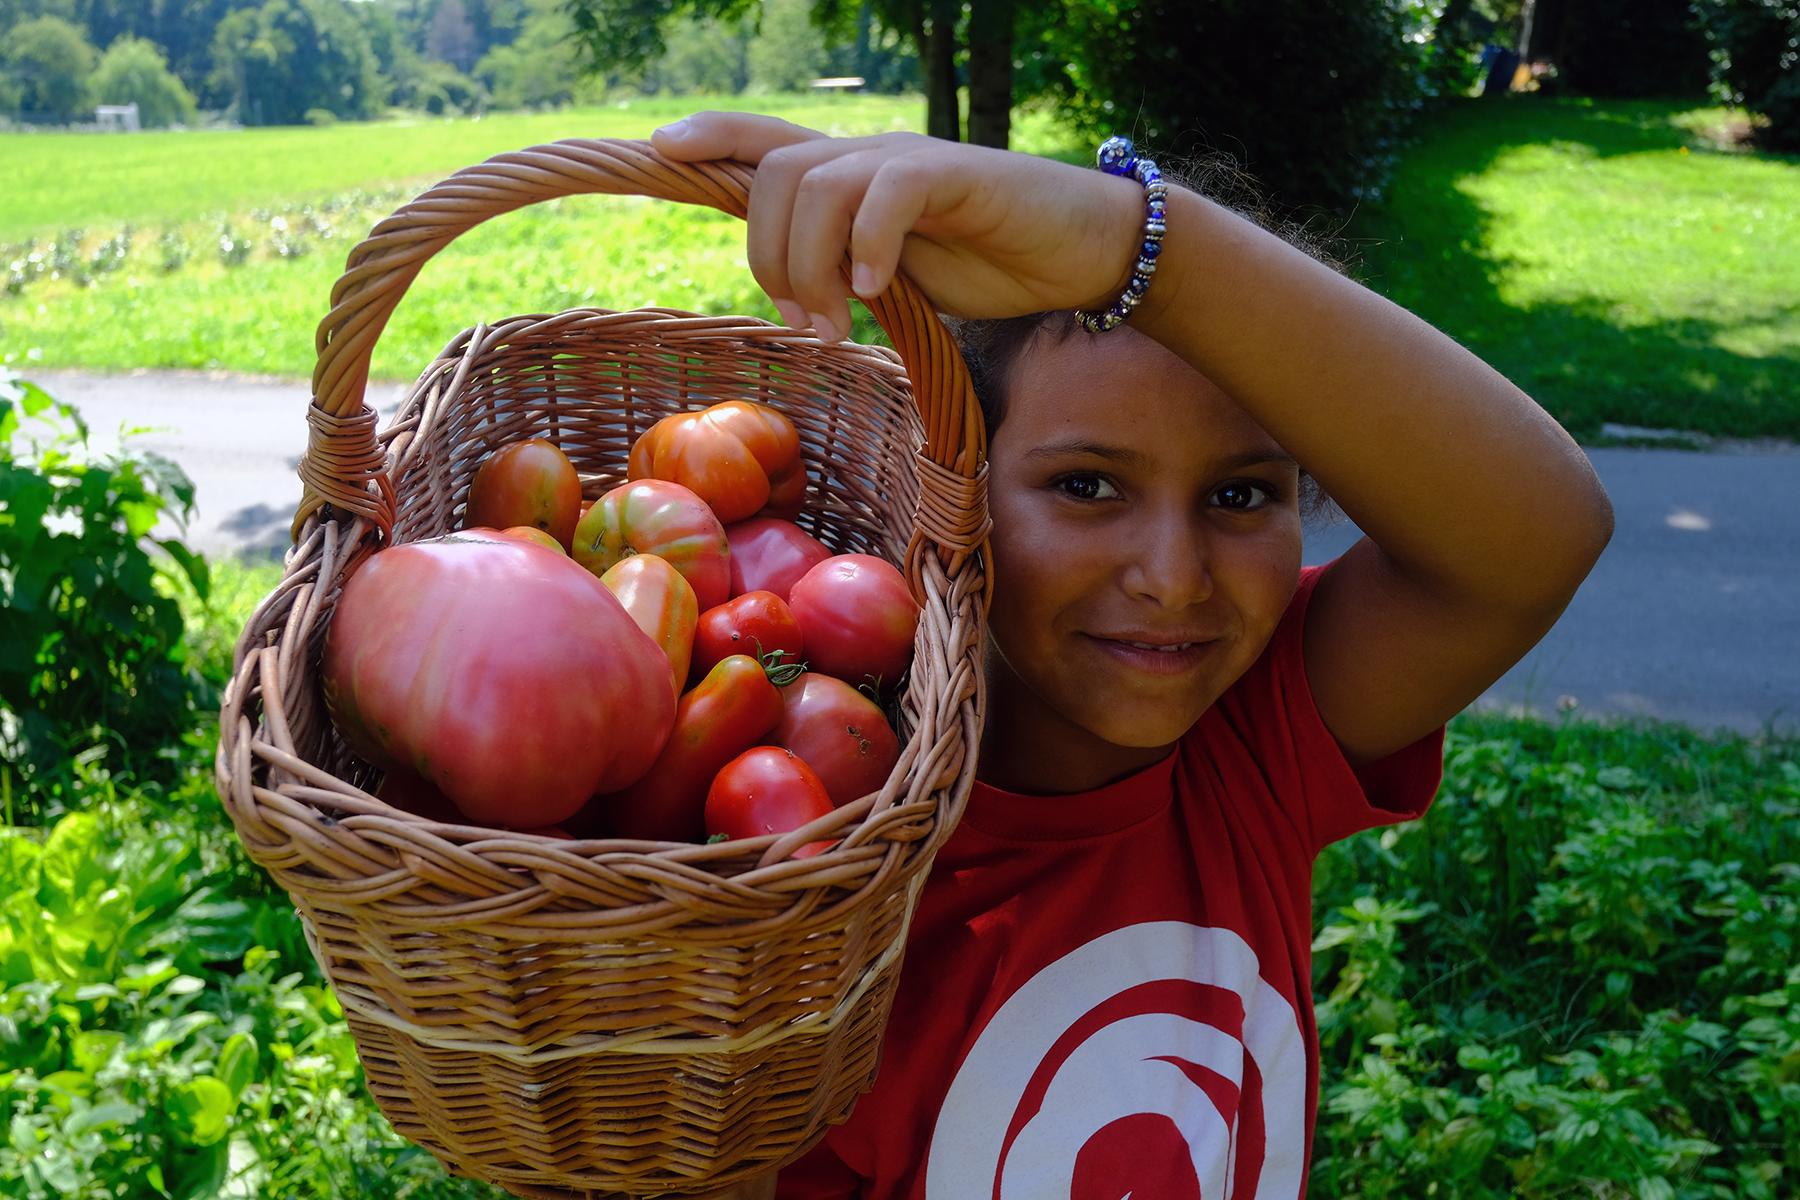 Hamma (repubblica saharawi) nell'orto con i pomodori